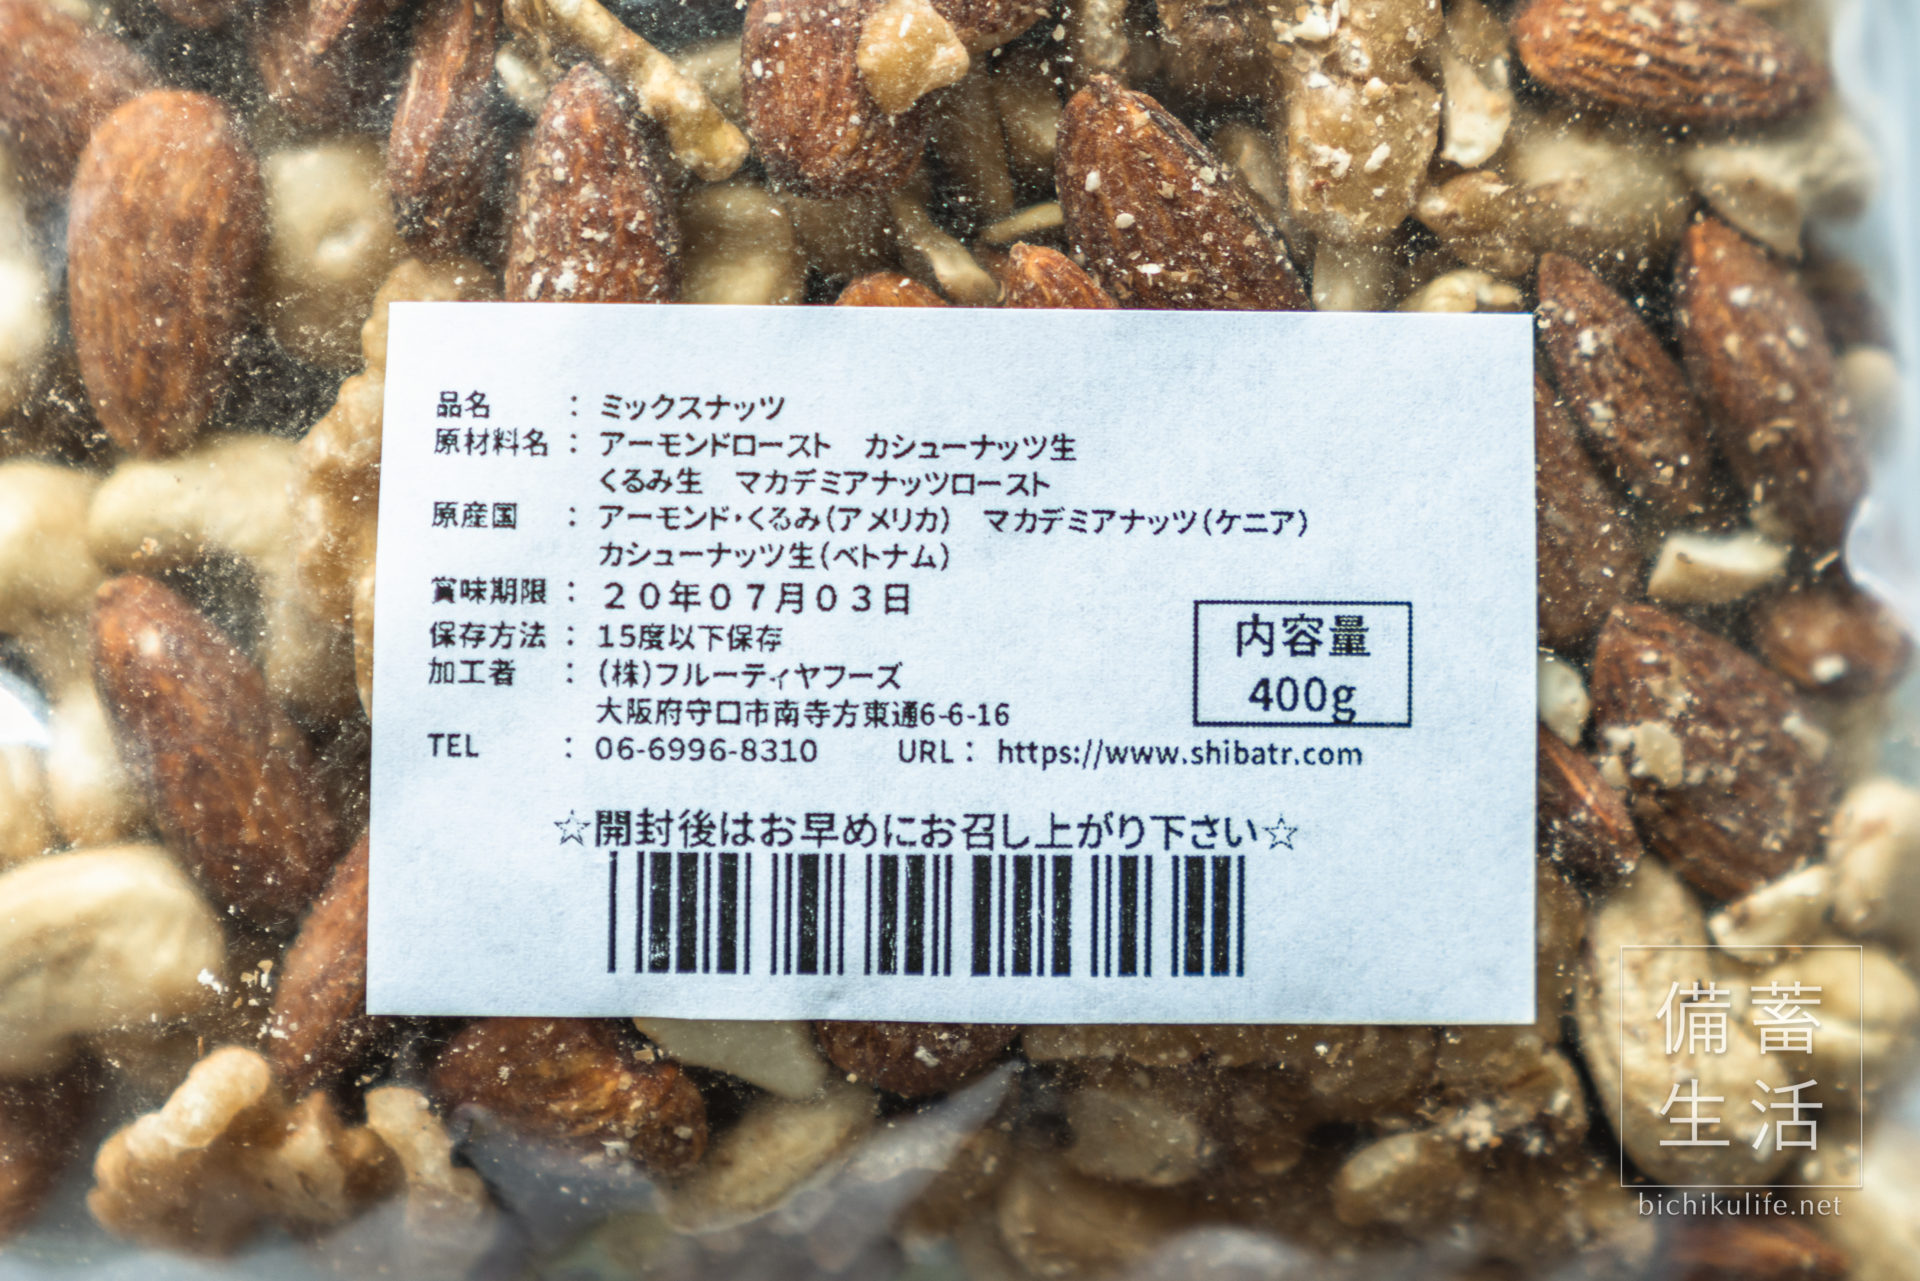 無塩ミックスナッツ(フルーティヤフーズ)の原材料